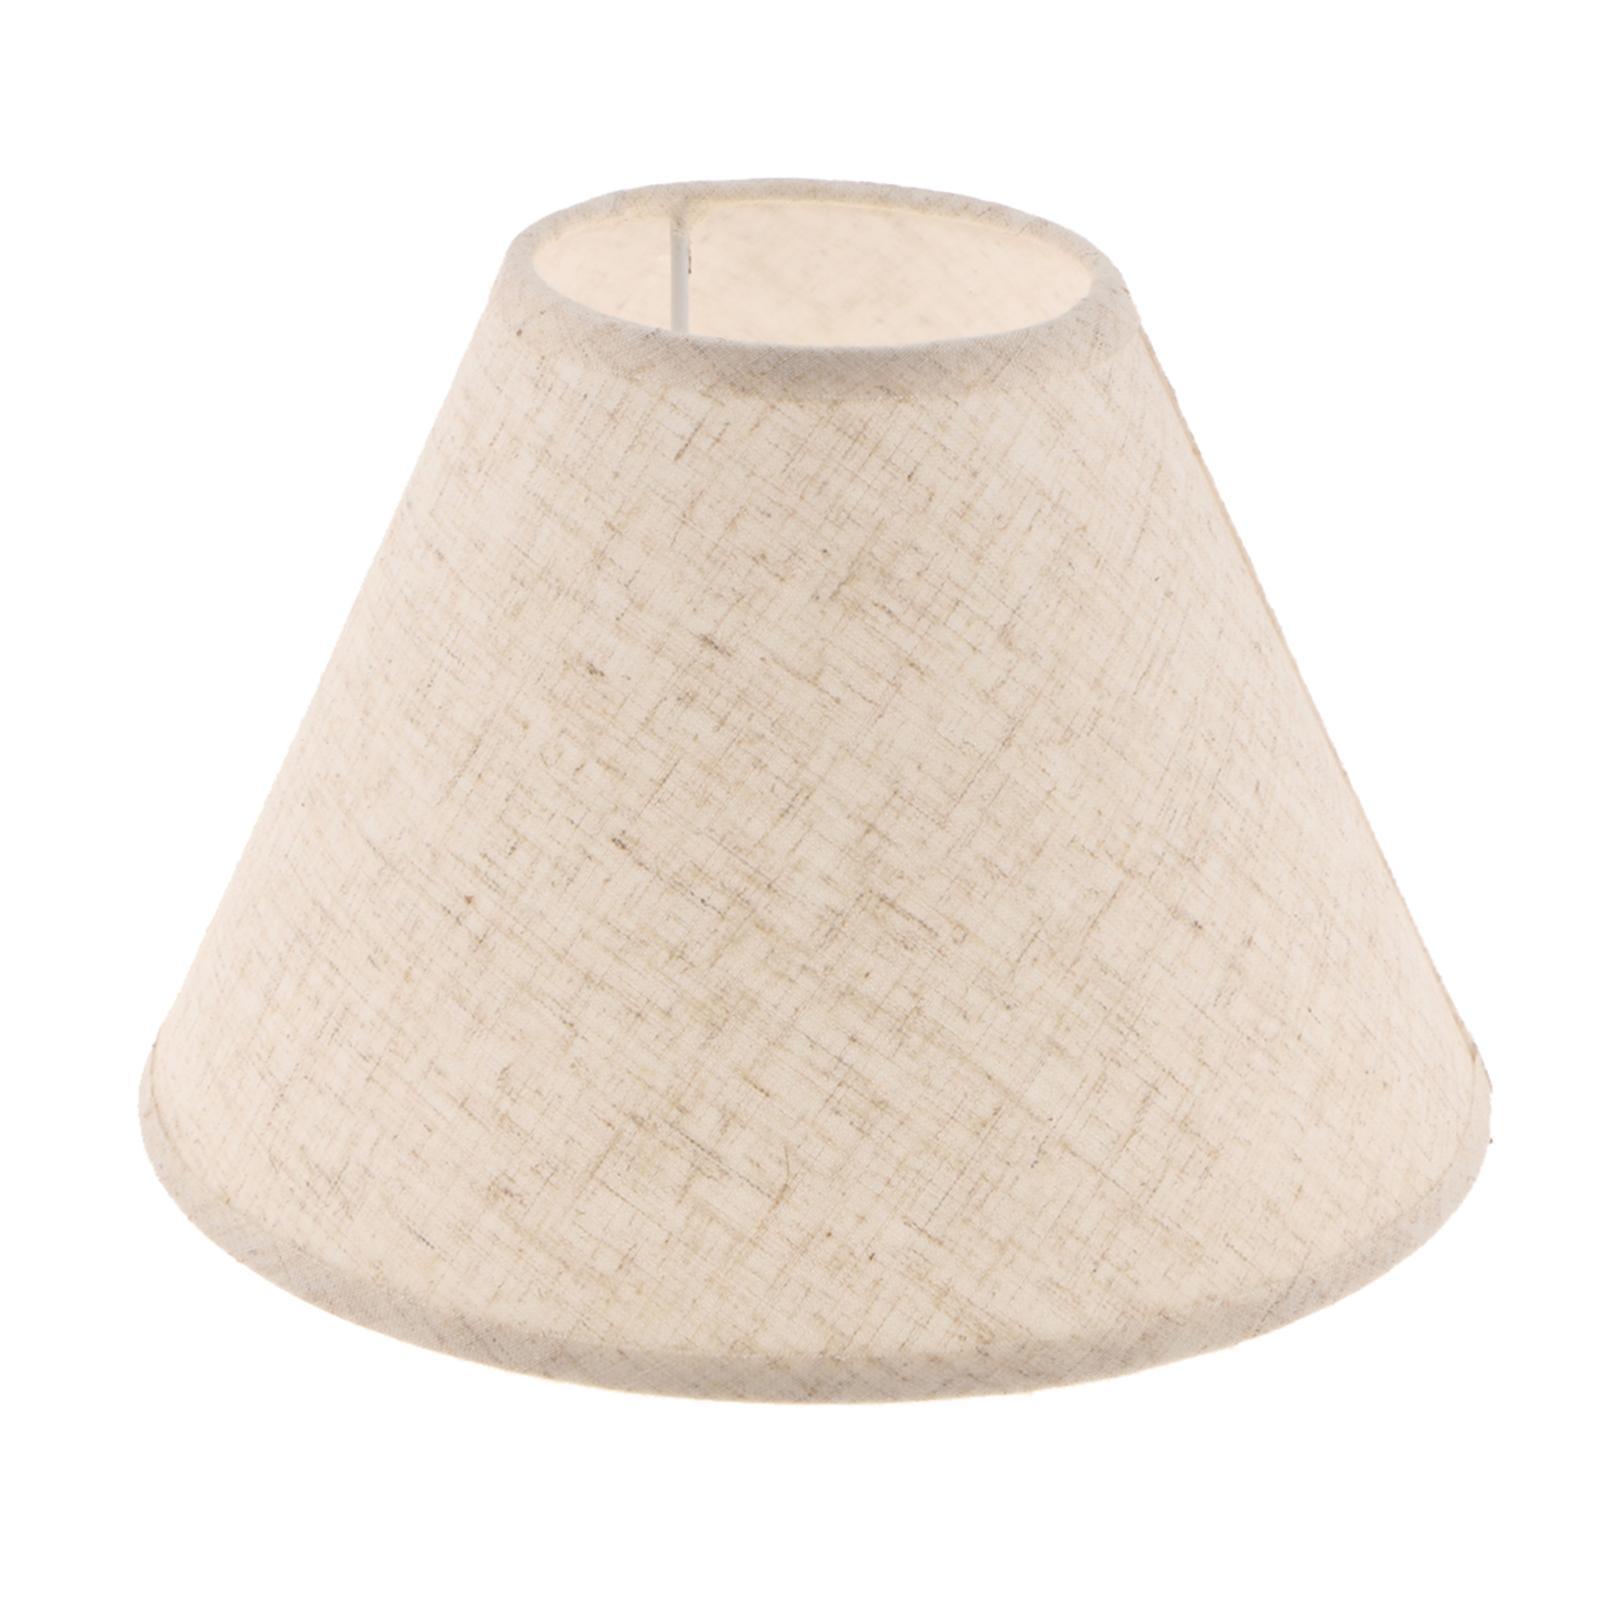 Paralume-in-Tessuto-per-lampada-da-tavolo-o-soffitto-Classico-in-Diversi-Colori miniatura 7